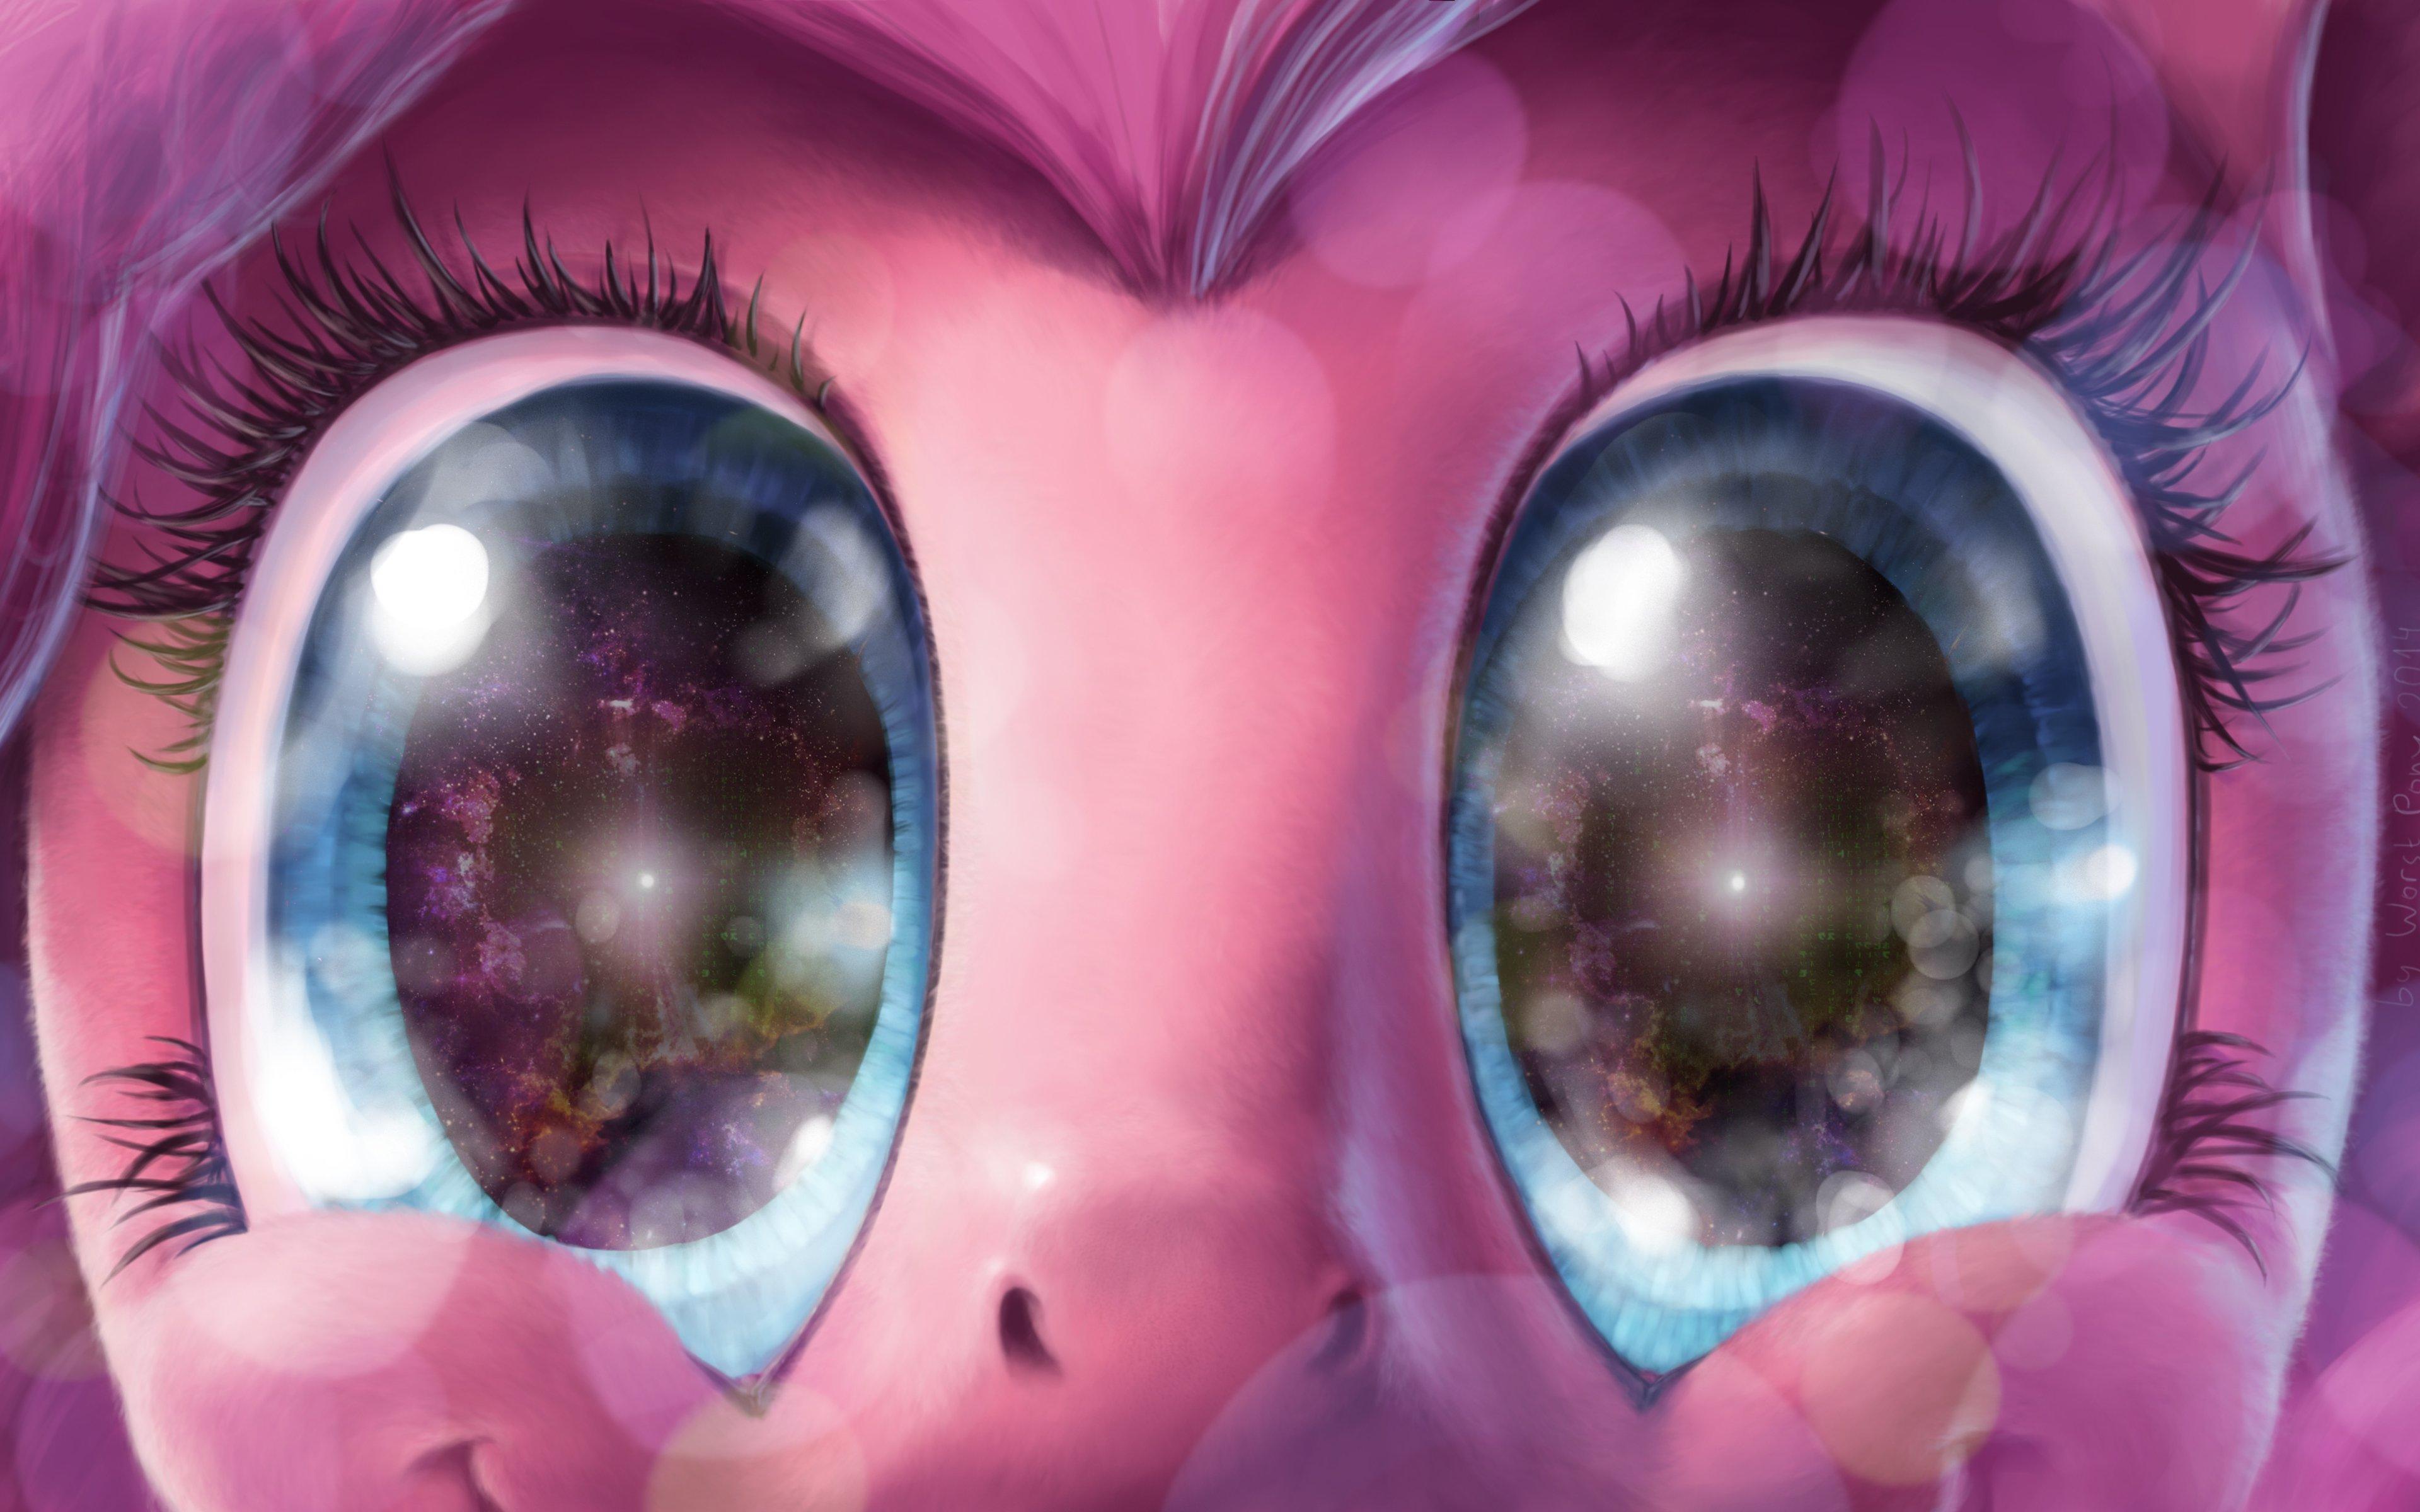 Fondos de pantalla Los ojos de un pony emocionado